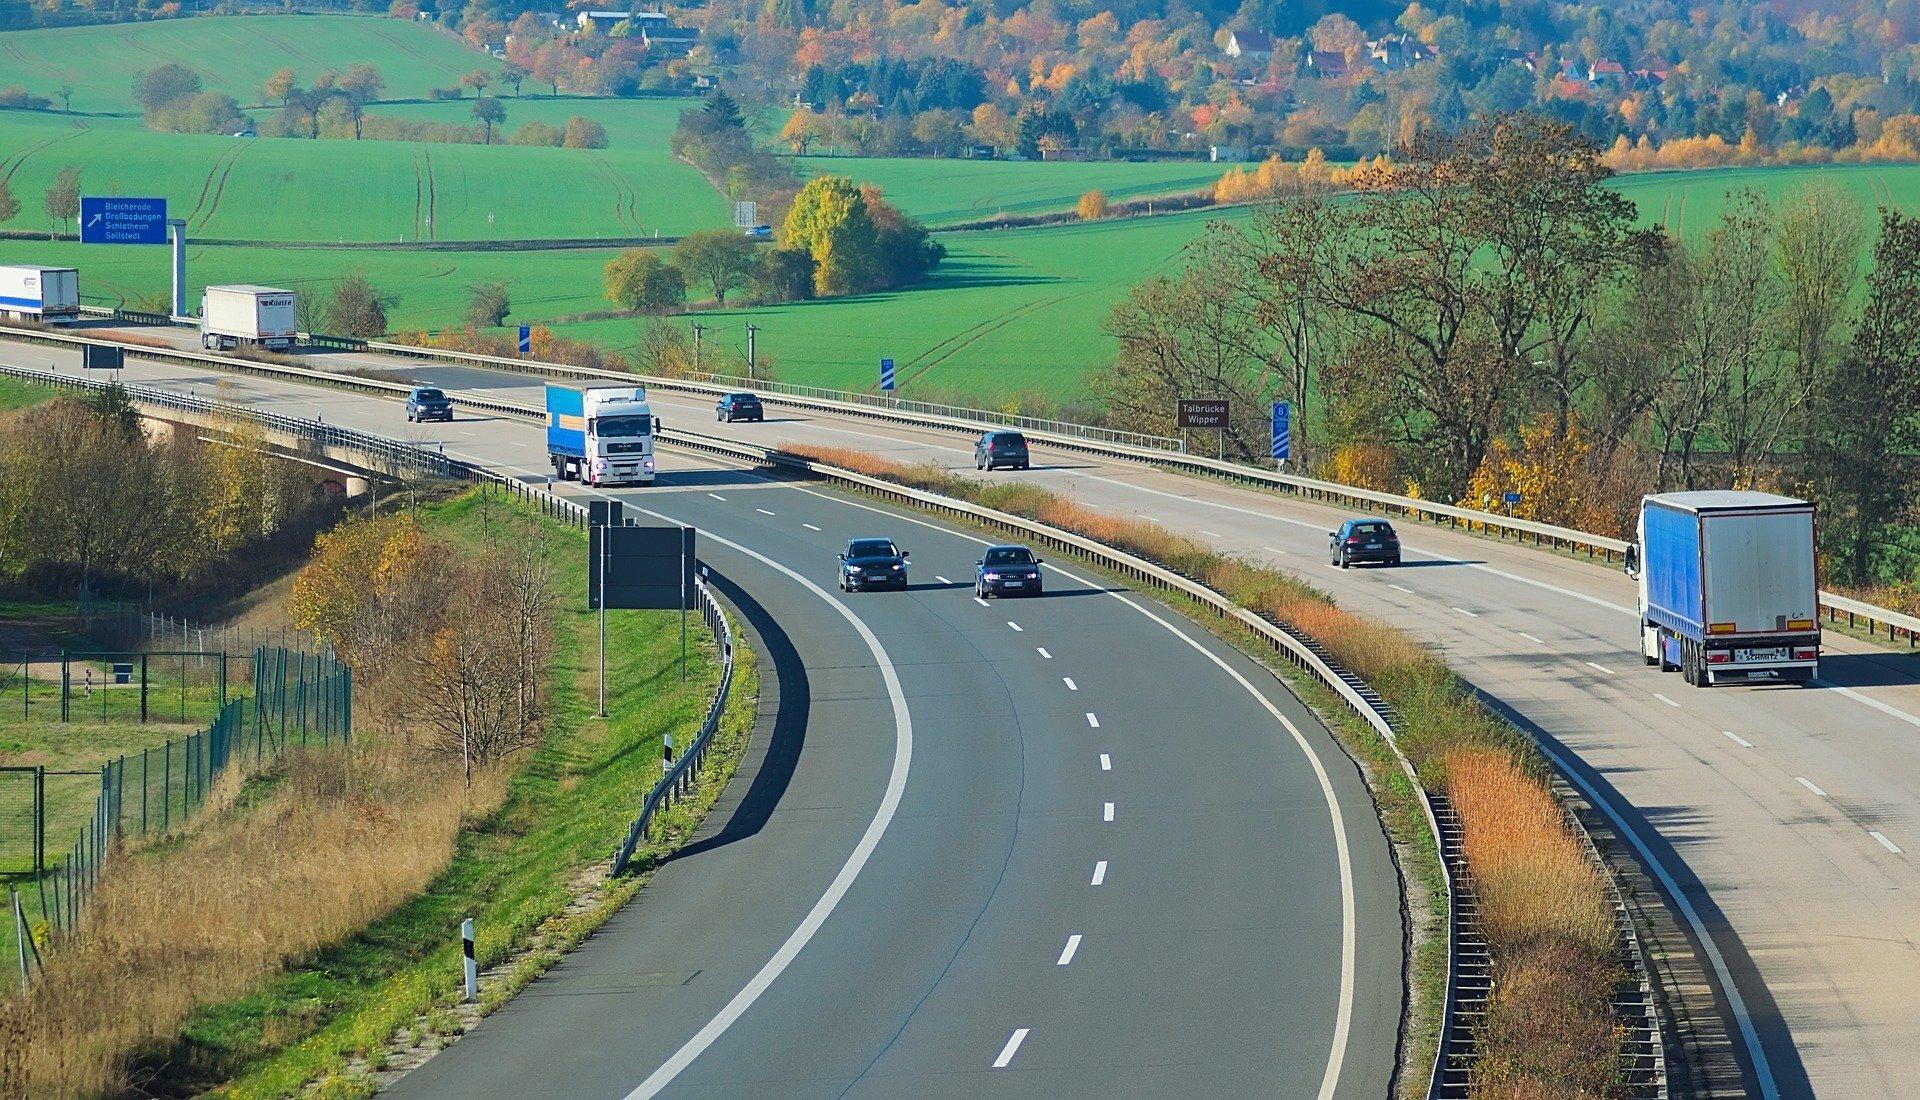 Строительство важного объездного шоссе для города Хайд сдвинулось с мертвой точки